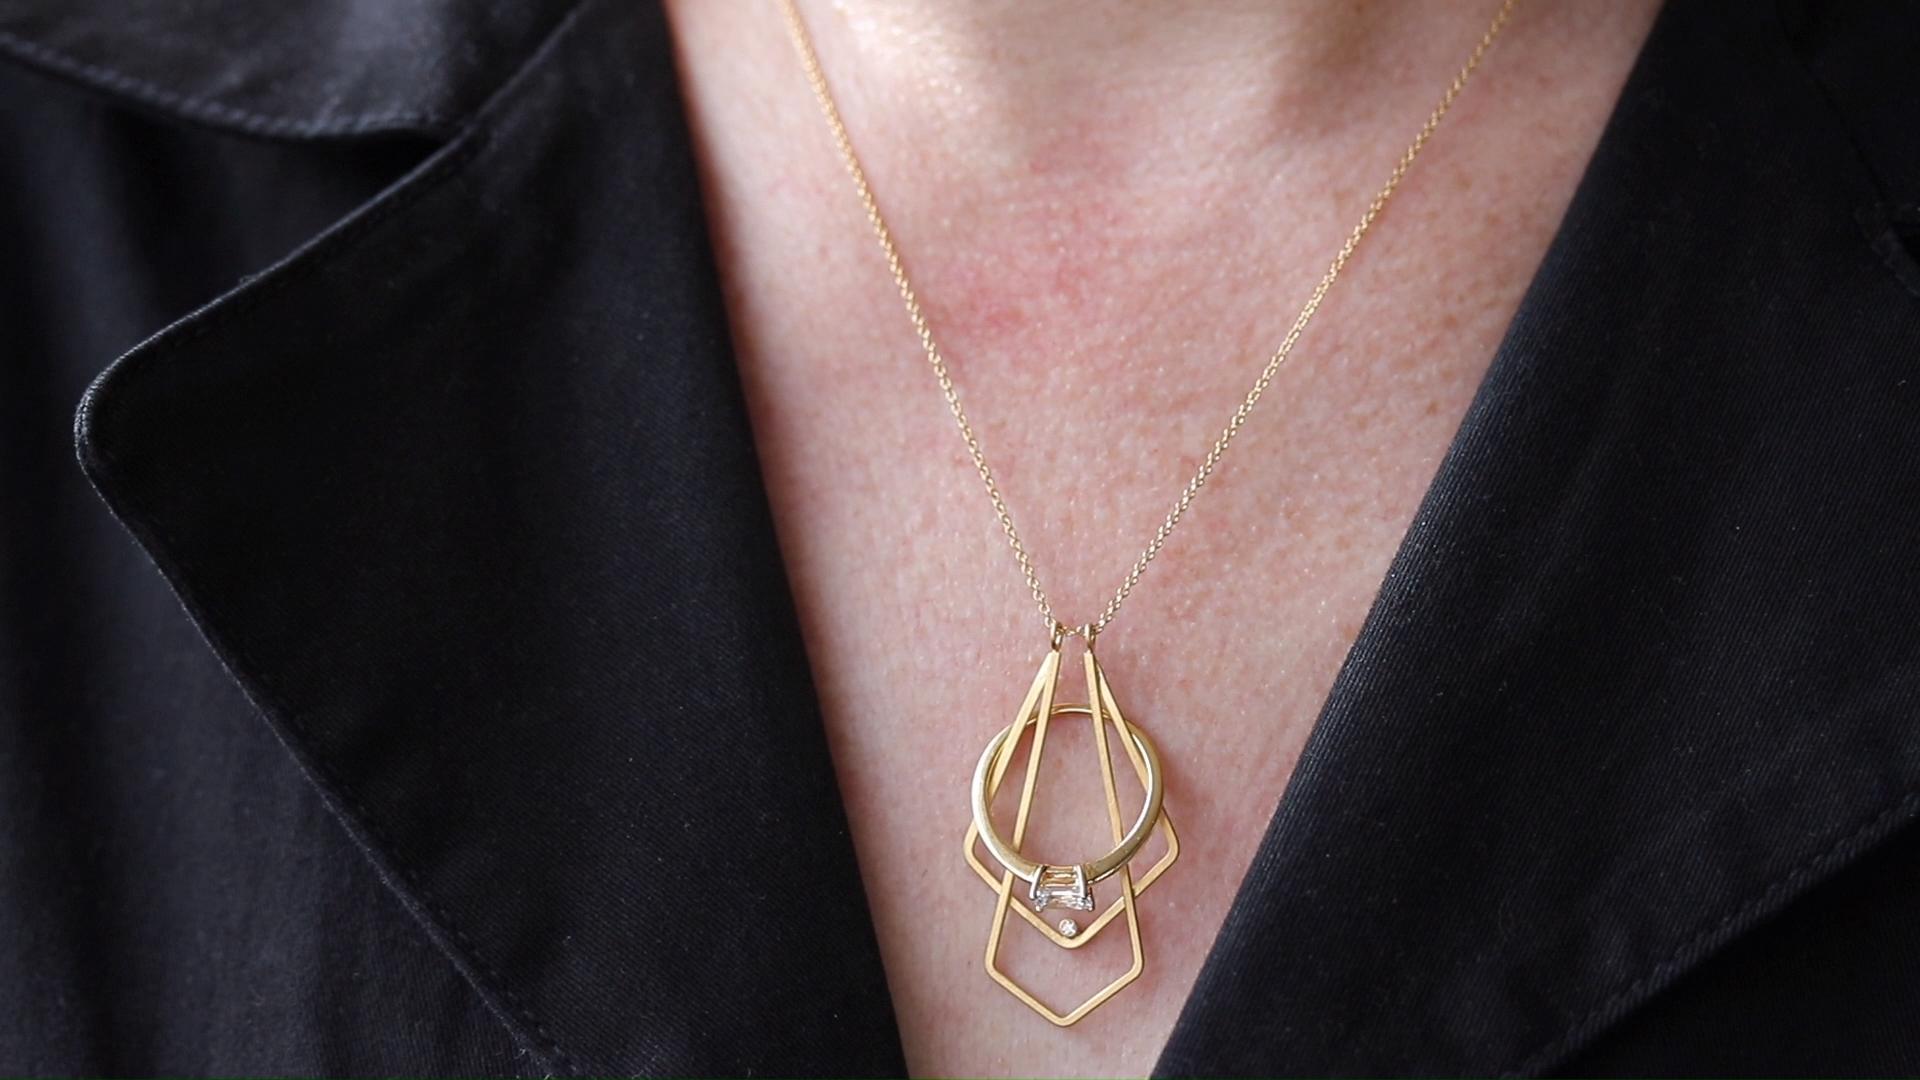 Jewelry Holder Necklace Length Chart Earrings de moda